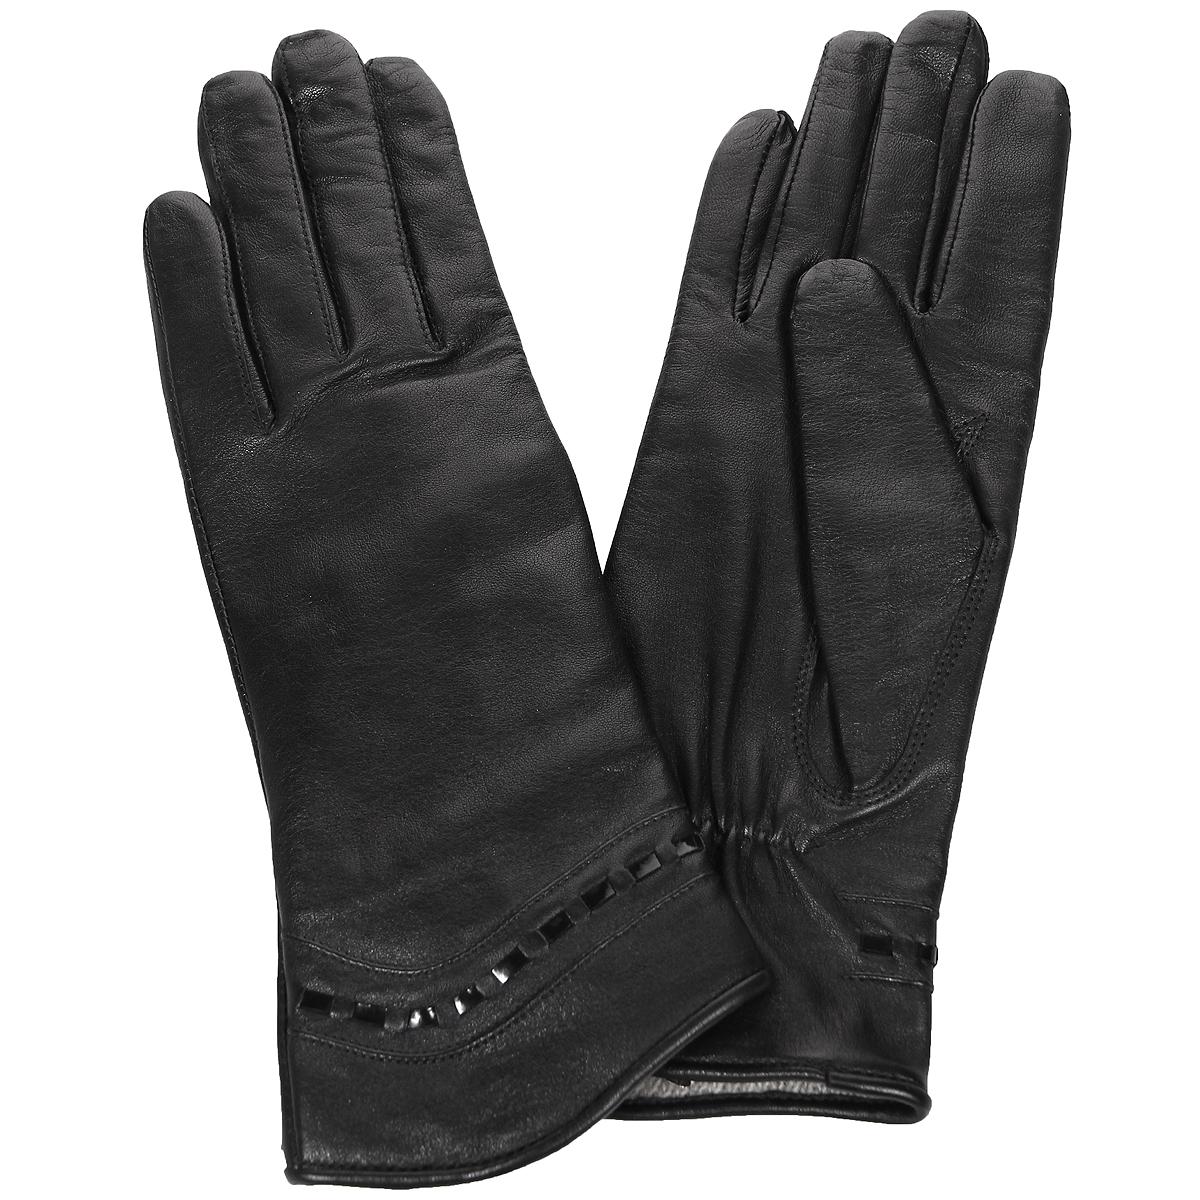 ПерчаткиЭ-2L_490Стильные женские перчатки Edmins не только защитят ваши руки от холода, но и станут великолепным украшением. Перчатки выполнены из натуральной кожи ягненка, подкладка - из шерсти. Манжеты оформлены отделкой из лаковой кожи. В настоящее время перчатки являются неотъемлемой принадлежностью одежды, вместе с этим аксессуаром вы обретаете женственность и элегантность. Перчатки станут завершающим и подчеркивающим элементом вашего стиля и неповторимости.